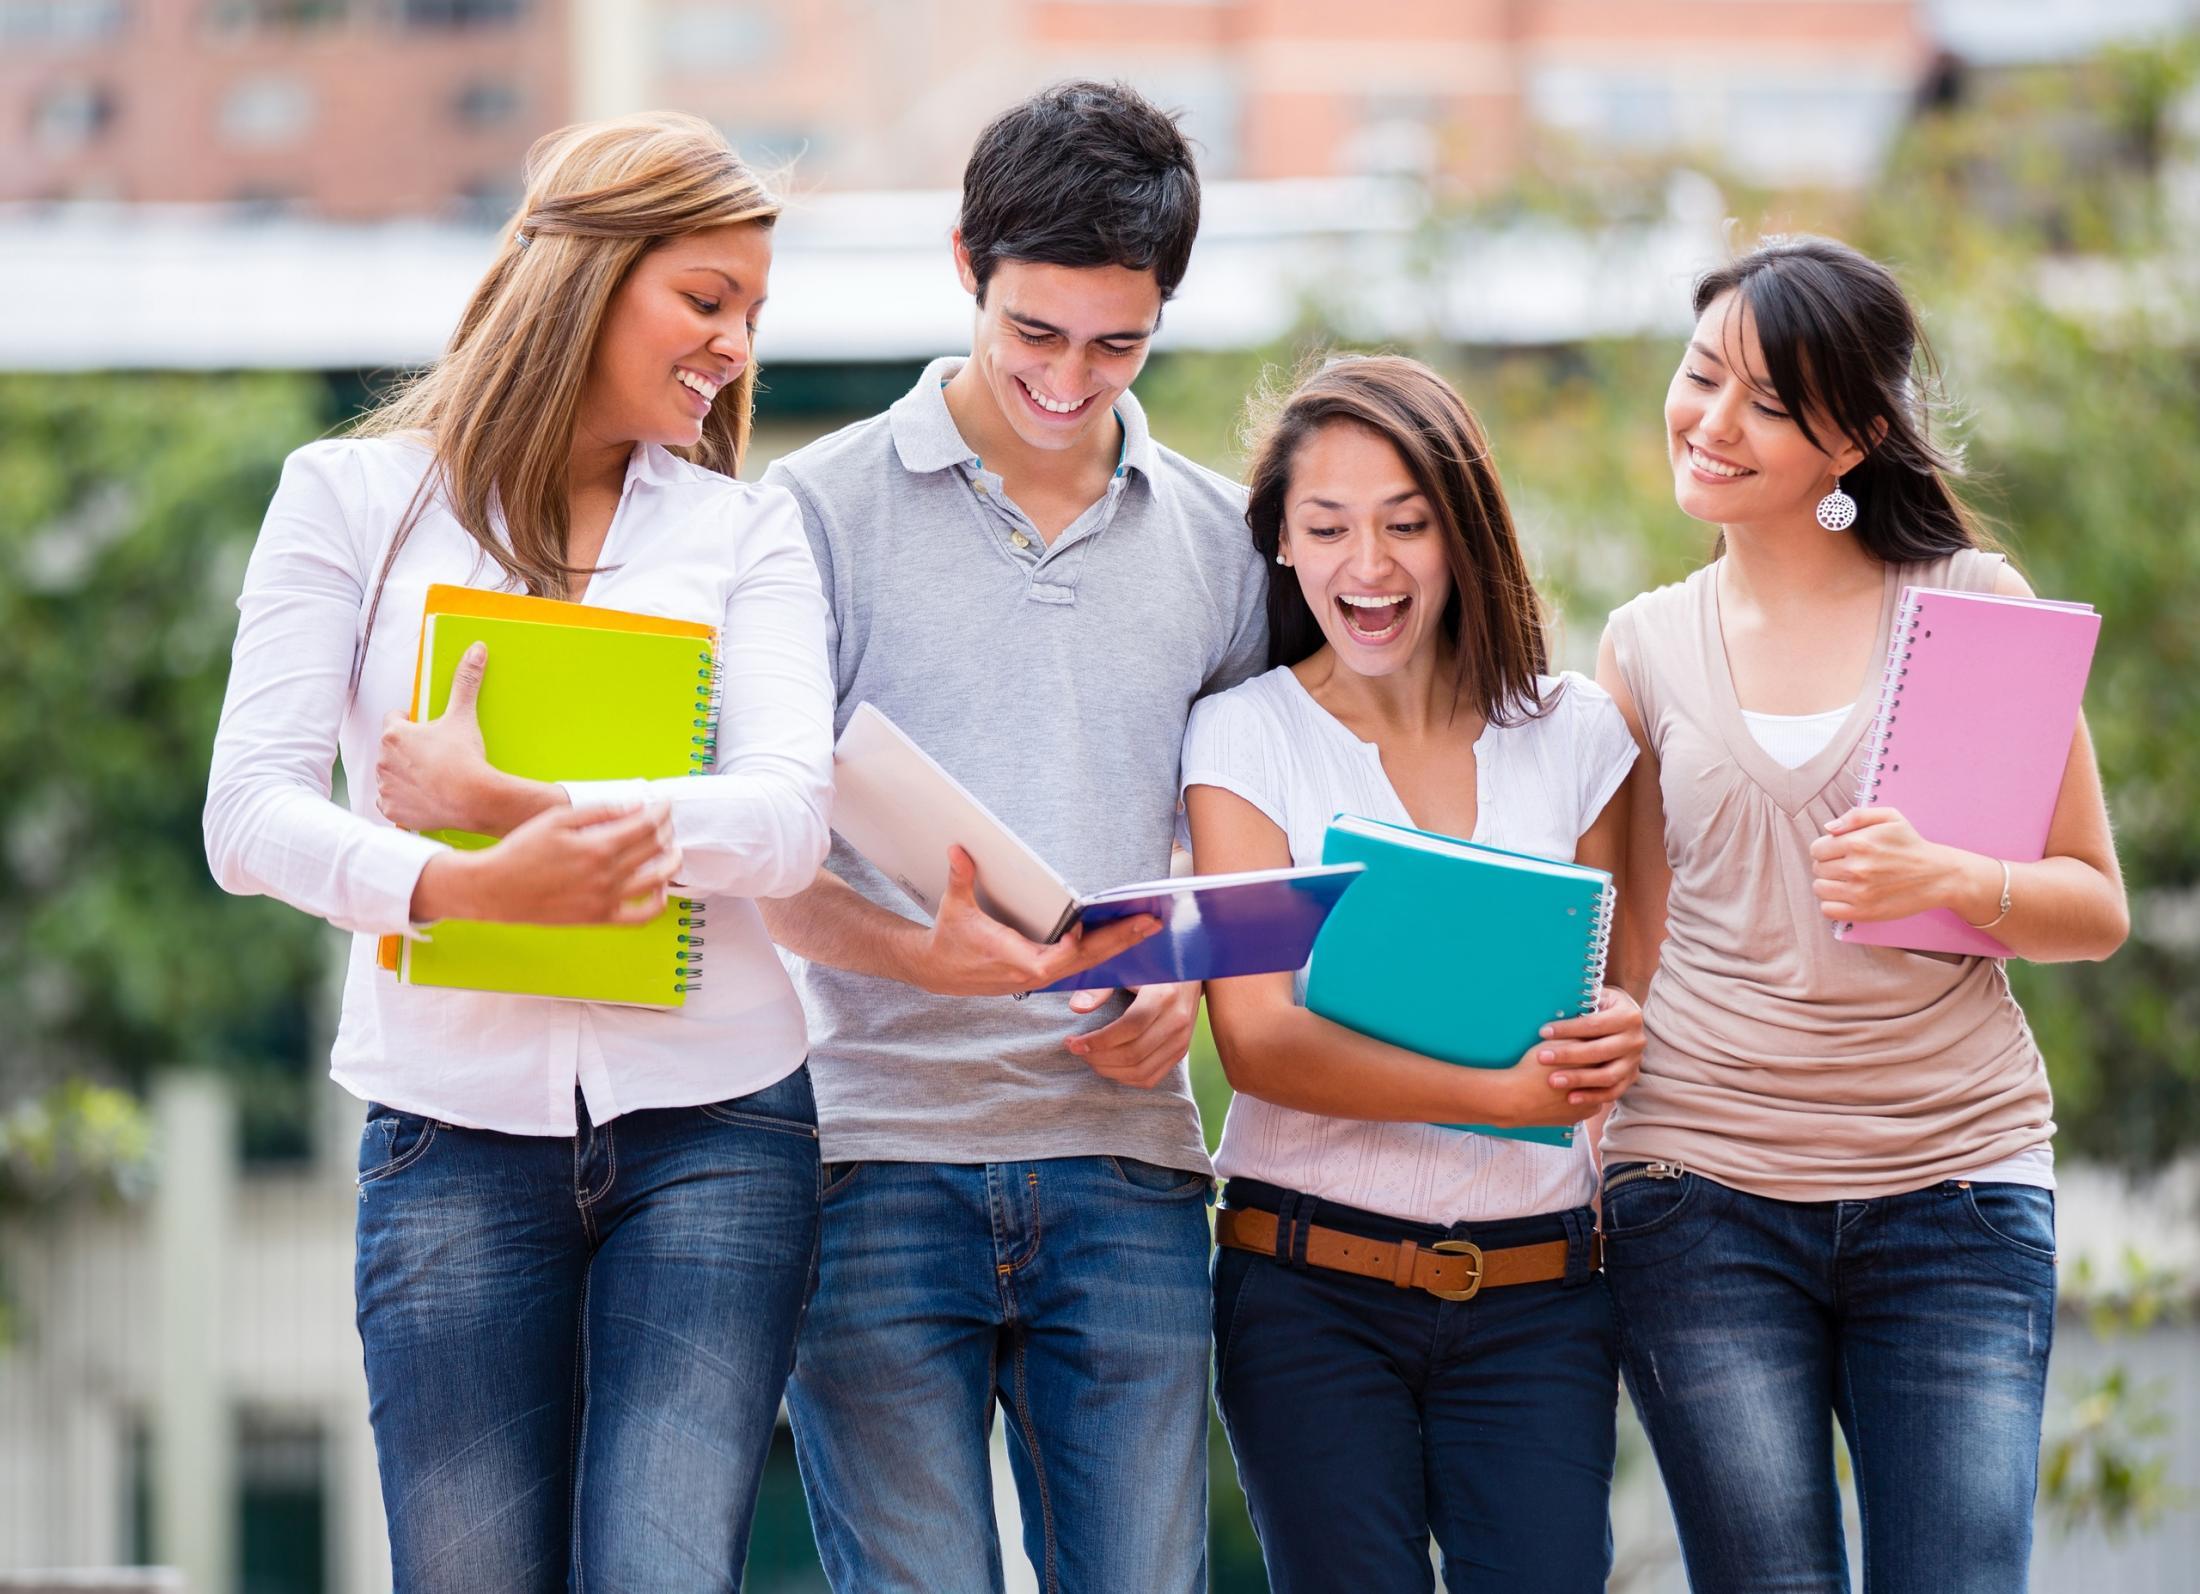 Студенты и студенчество картинки, нарисовать рисунок